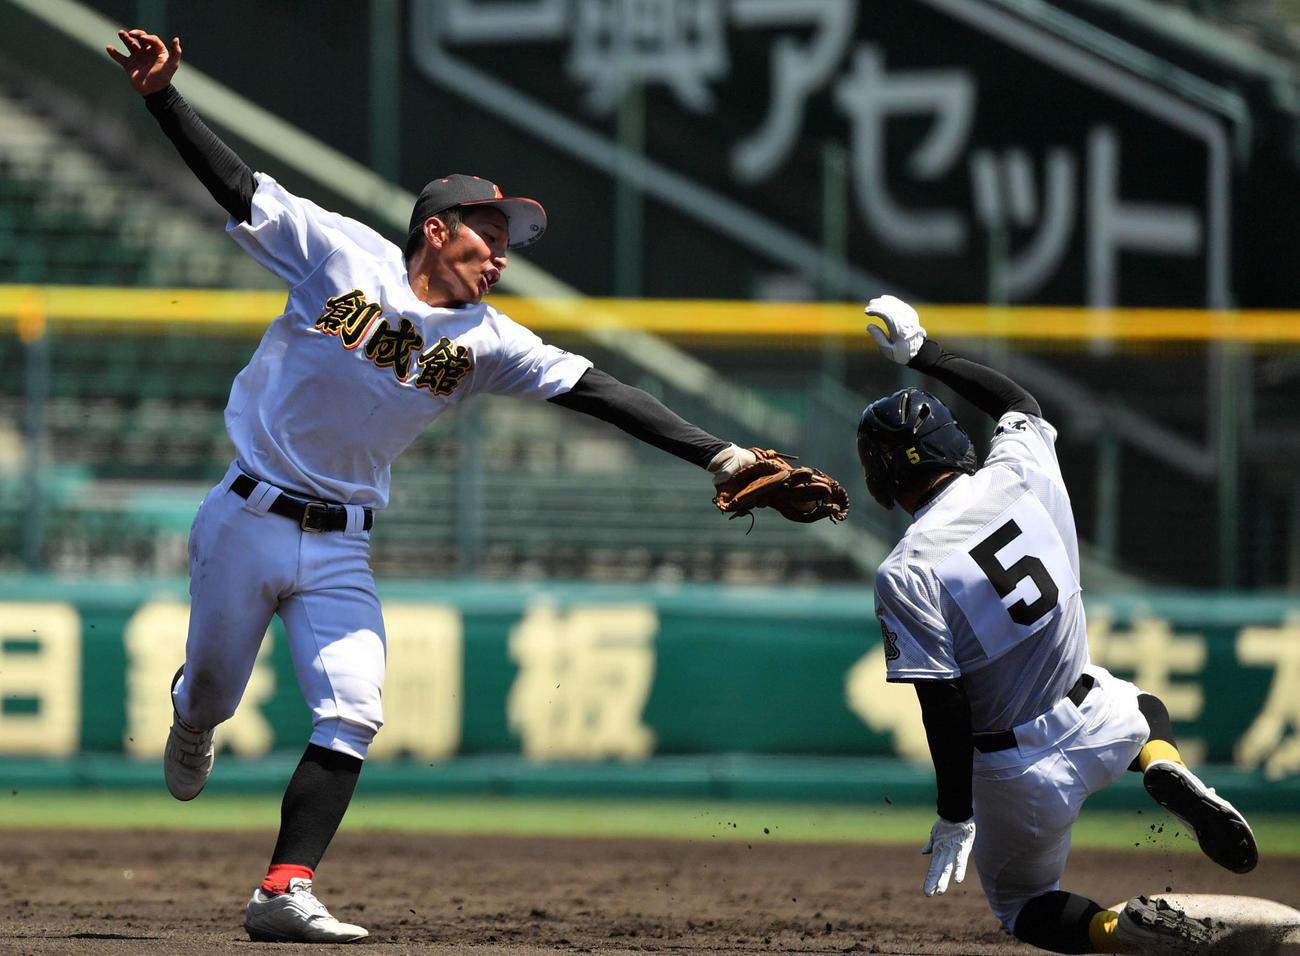 平田対創成館 2回表平田1死一塁、二盗を決める高橋(右)。左は松尾(撮影・横山健太)